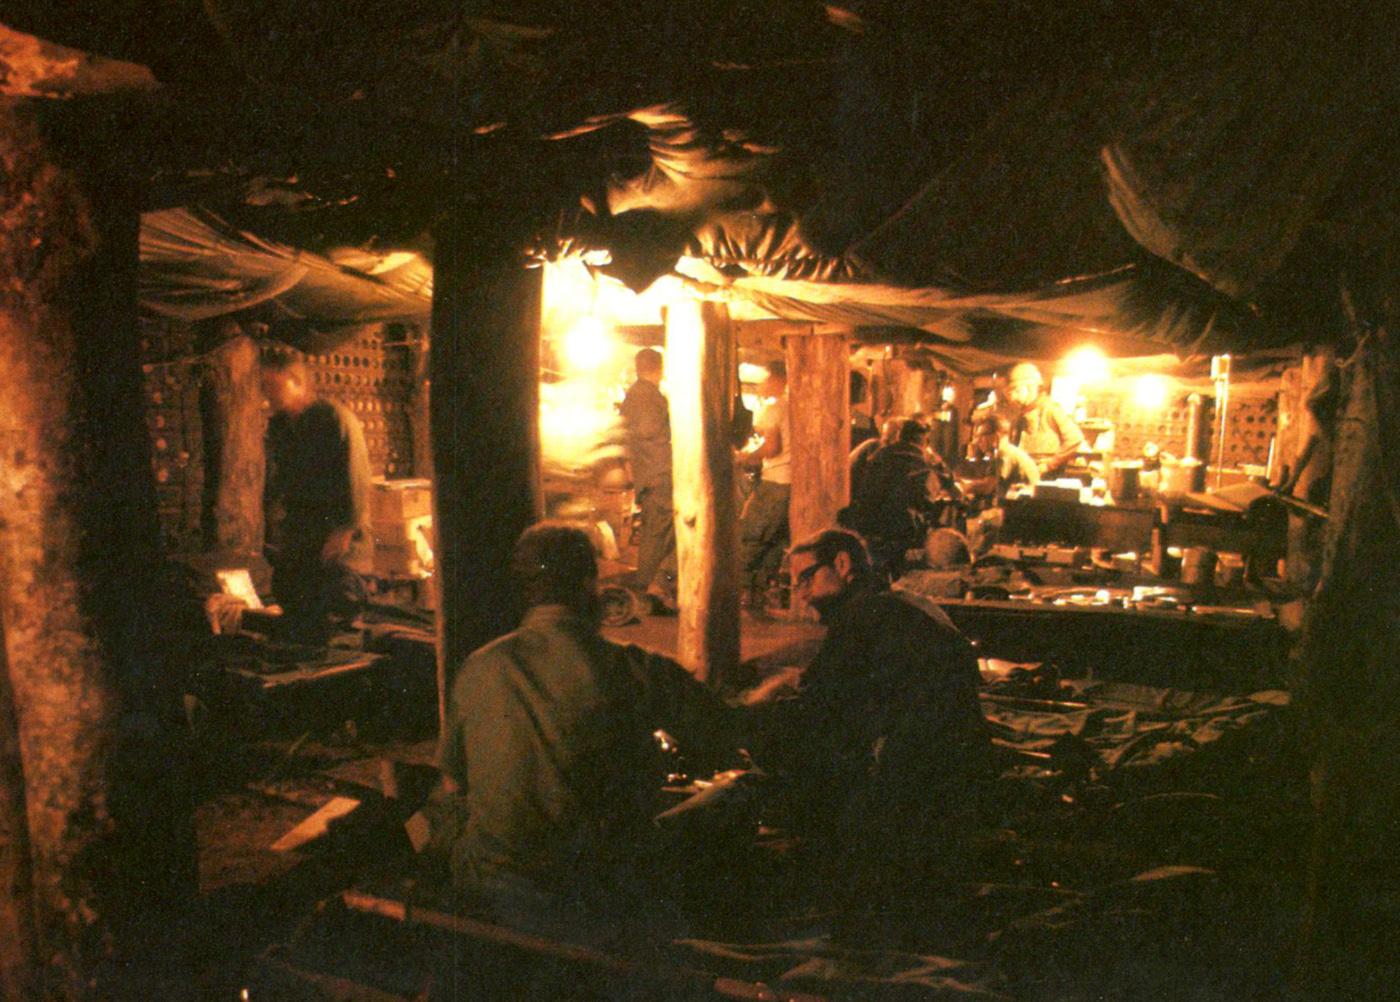 khe_sanh_bunker_inside.jpg